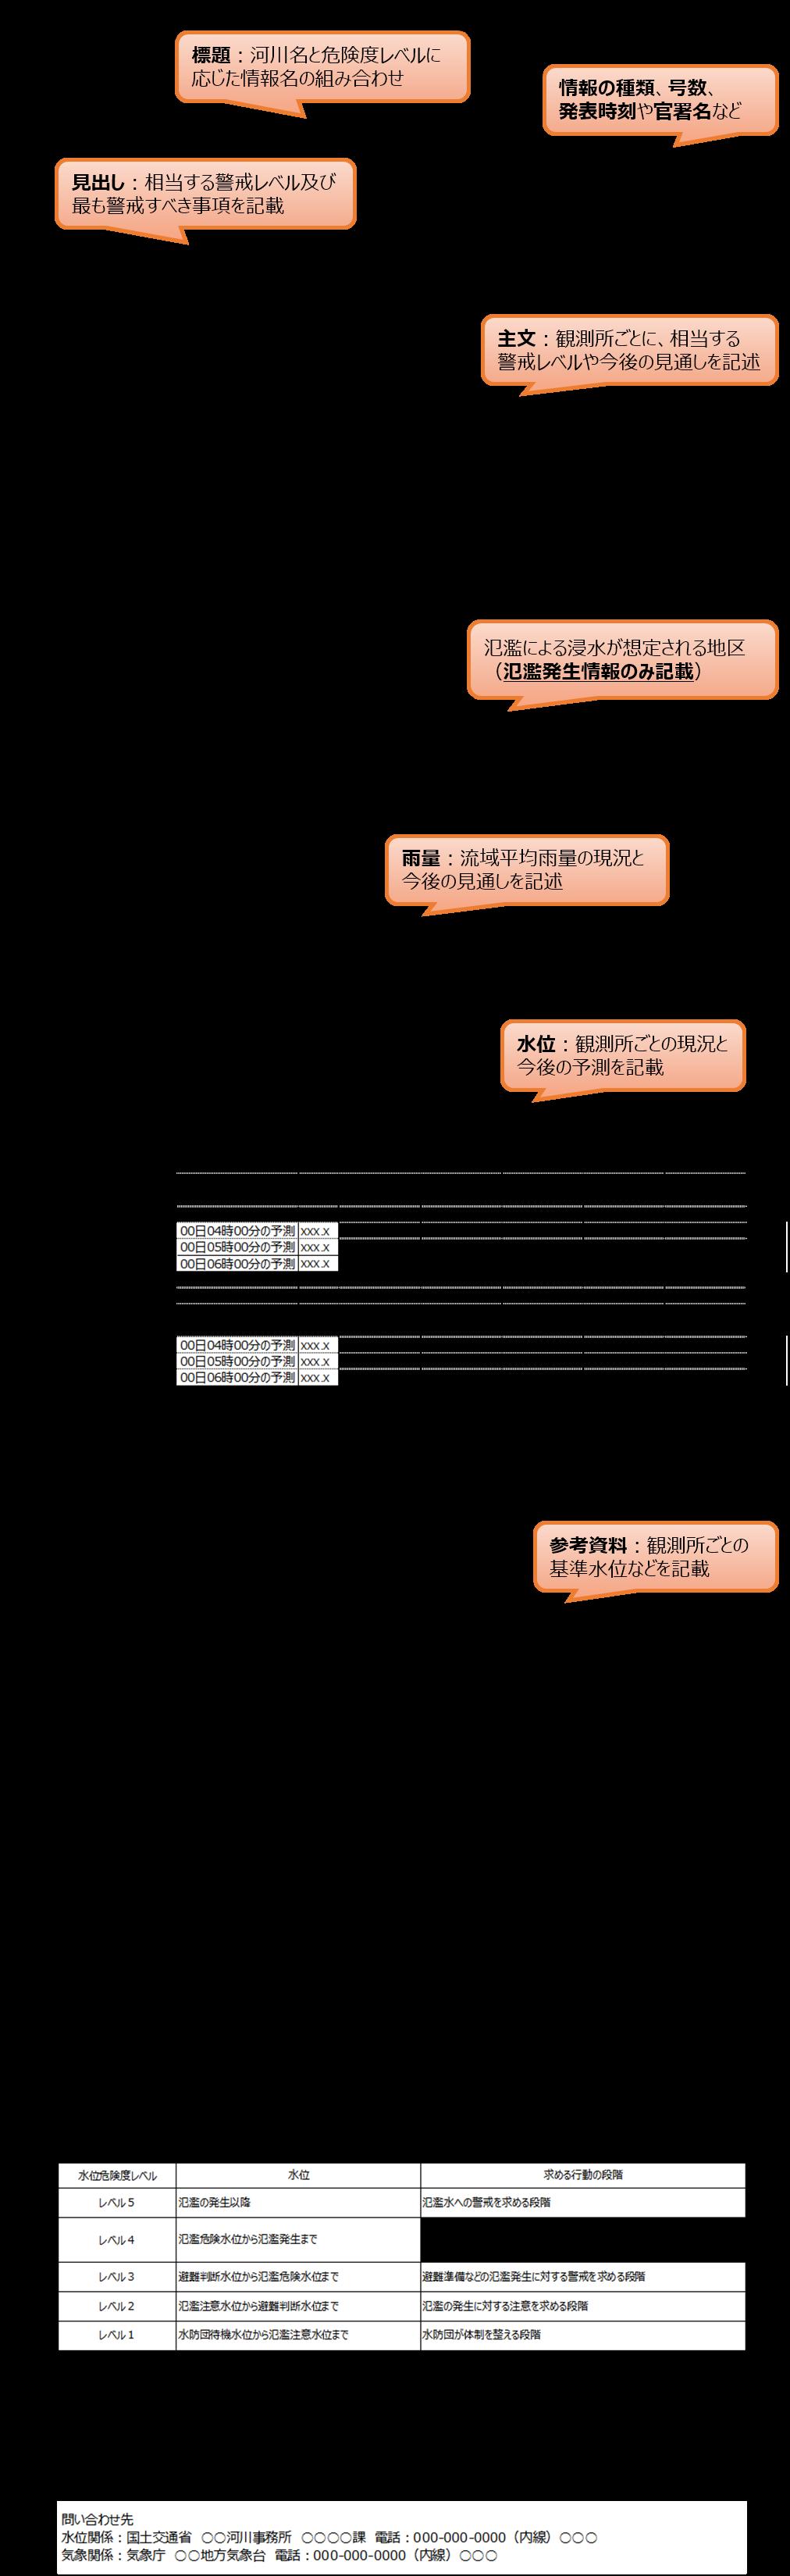 気象庁|指定河川洪水予報の解説